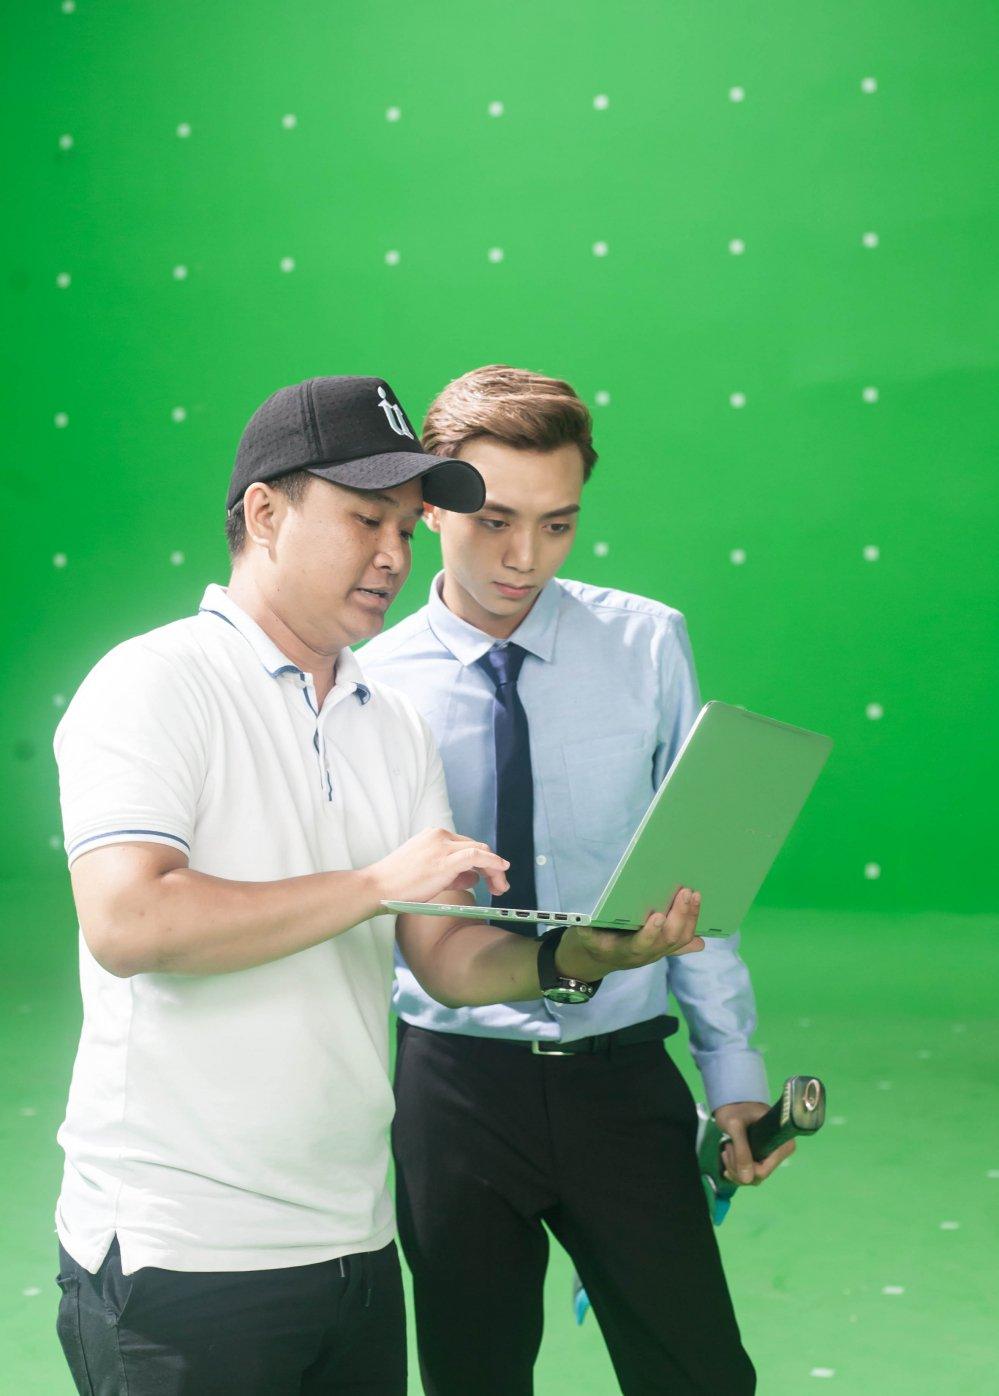 Bao Anh, Soobin Hoang Son hao hung dong phim vo thuat gia tuong hinh anh 3